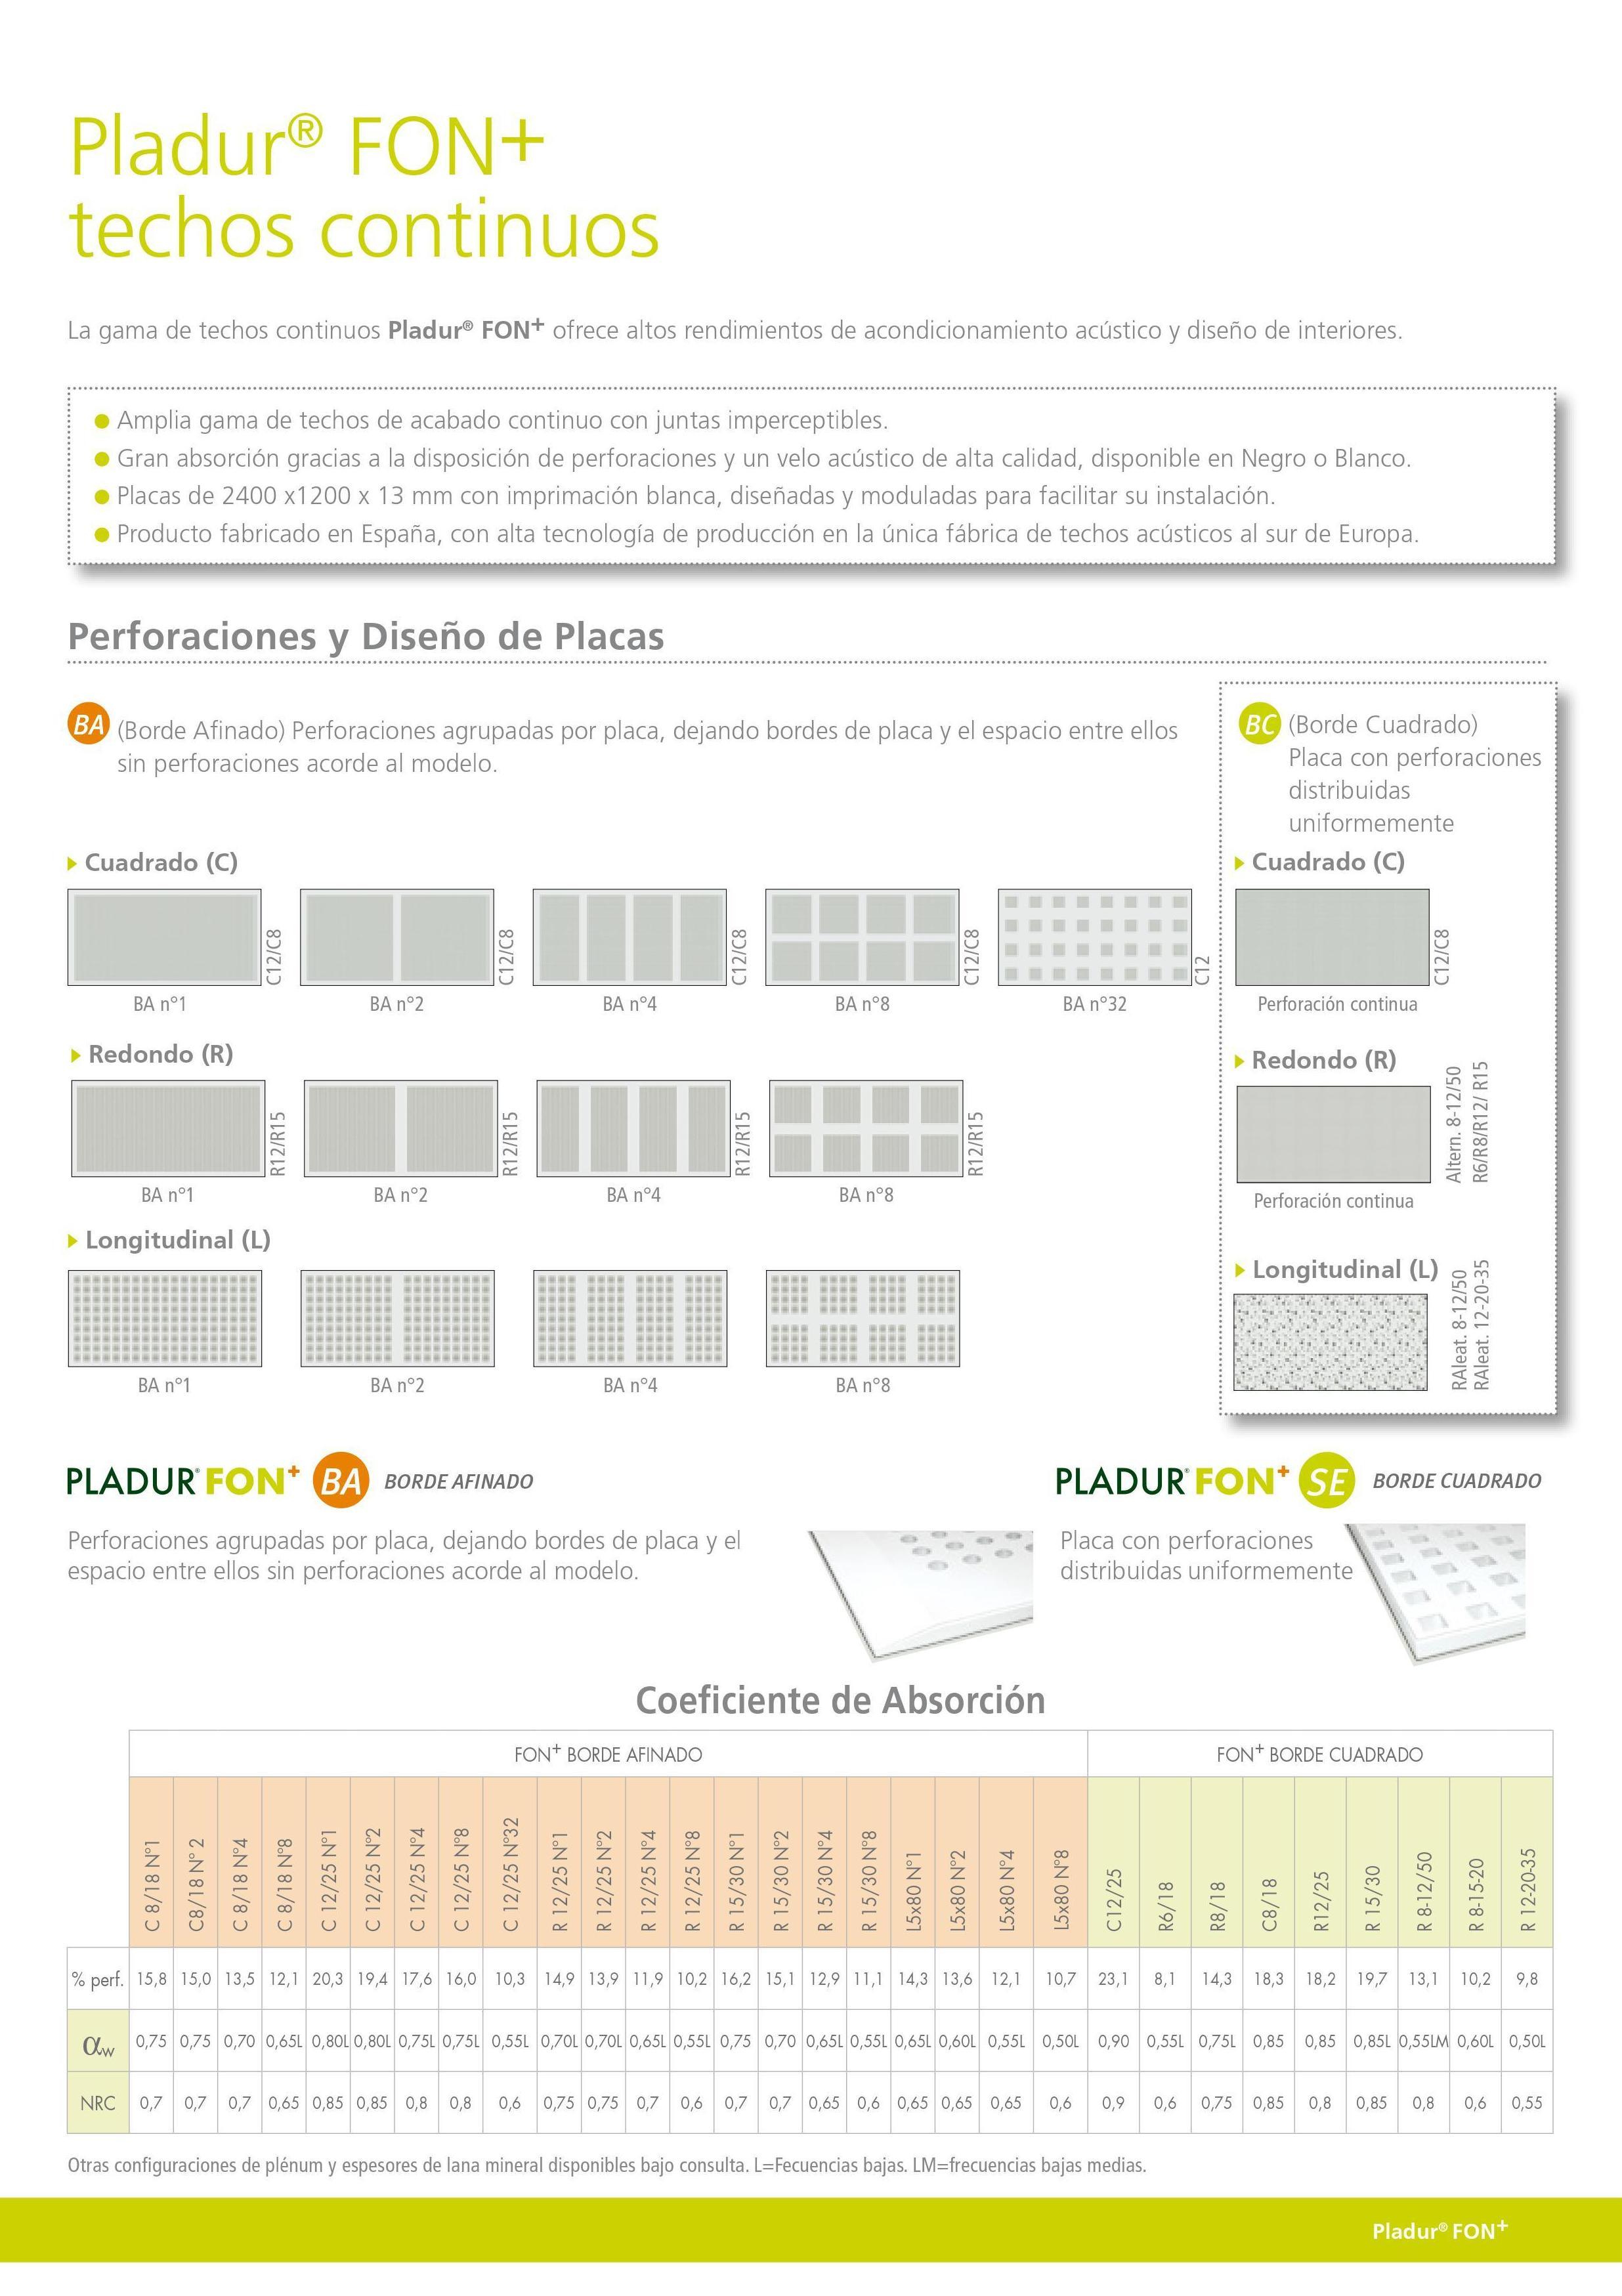 Pladur Fon+: Materiales - Distribuciones de AISLAMIENTOS LORSAN